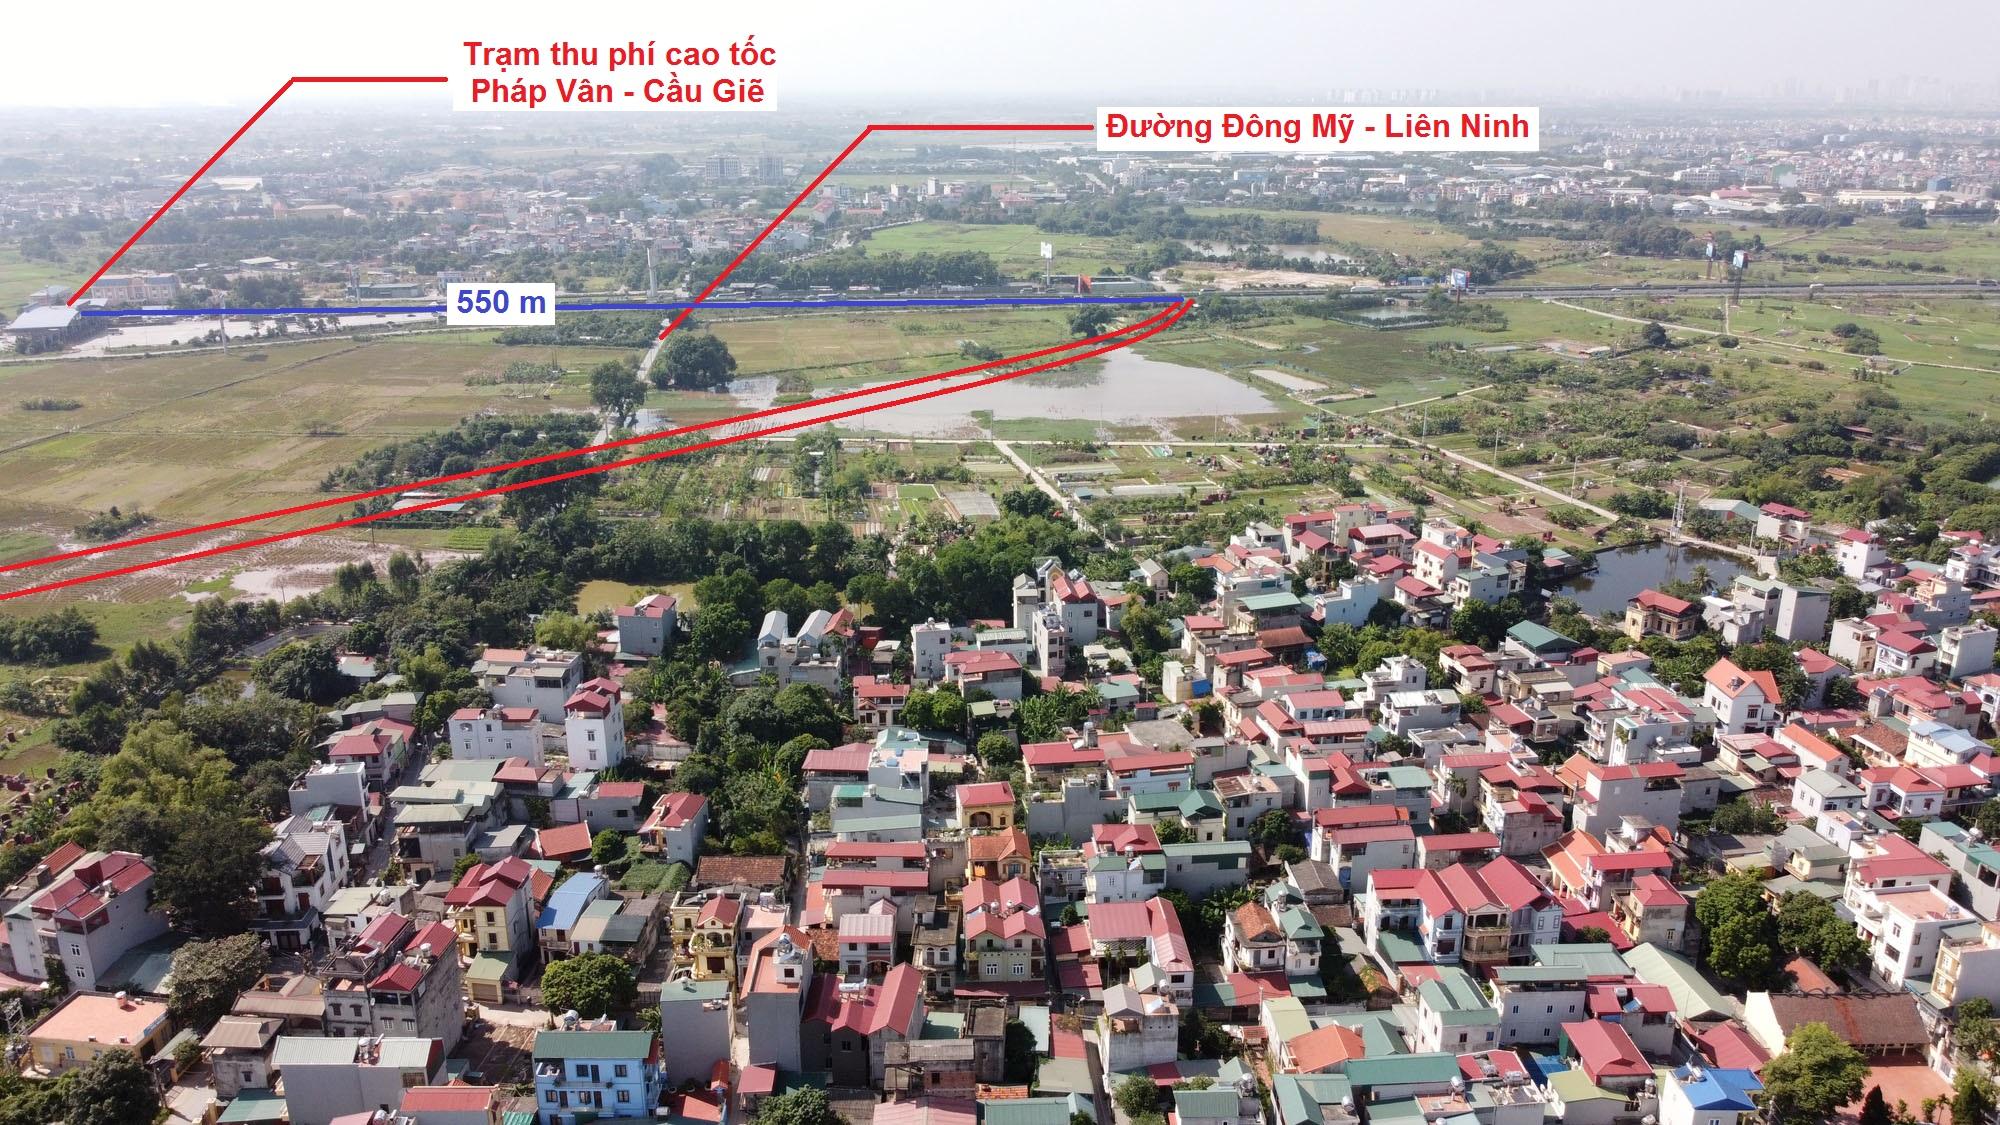 đường sẽ mở theo quy hoạch ở xã Đông Mỹ, Thanh Trì, Hà Nội - Ảnh 3.